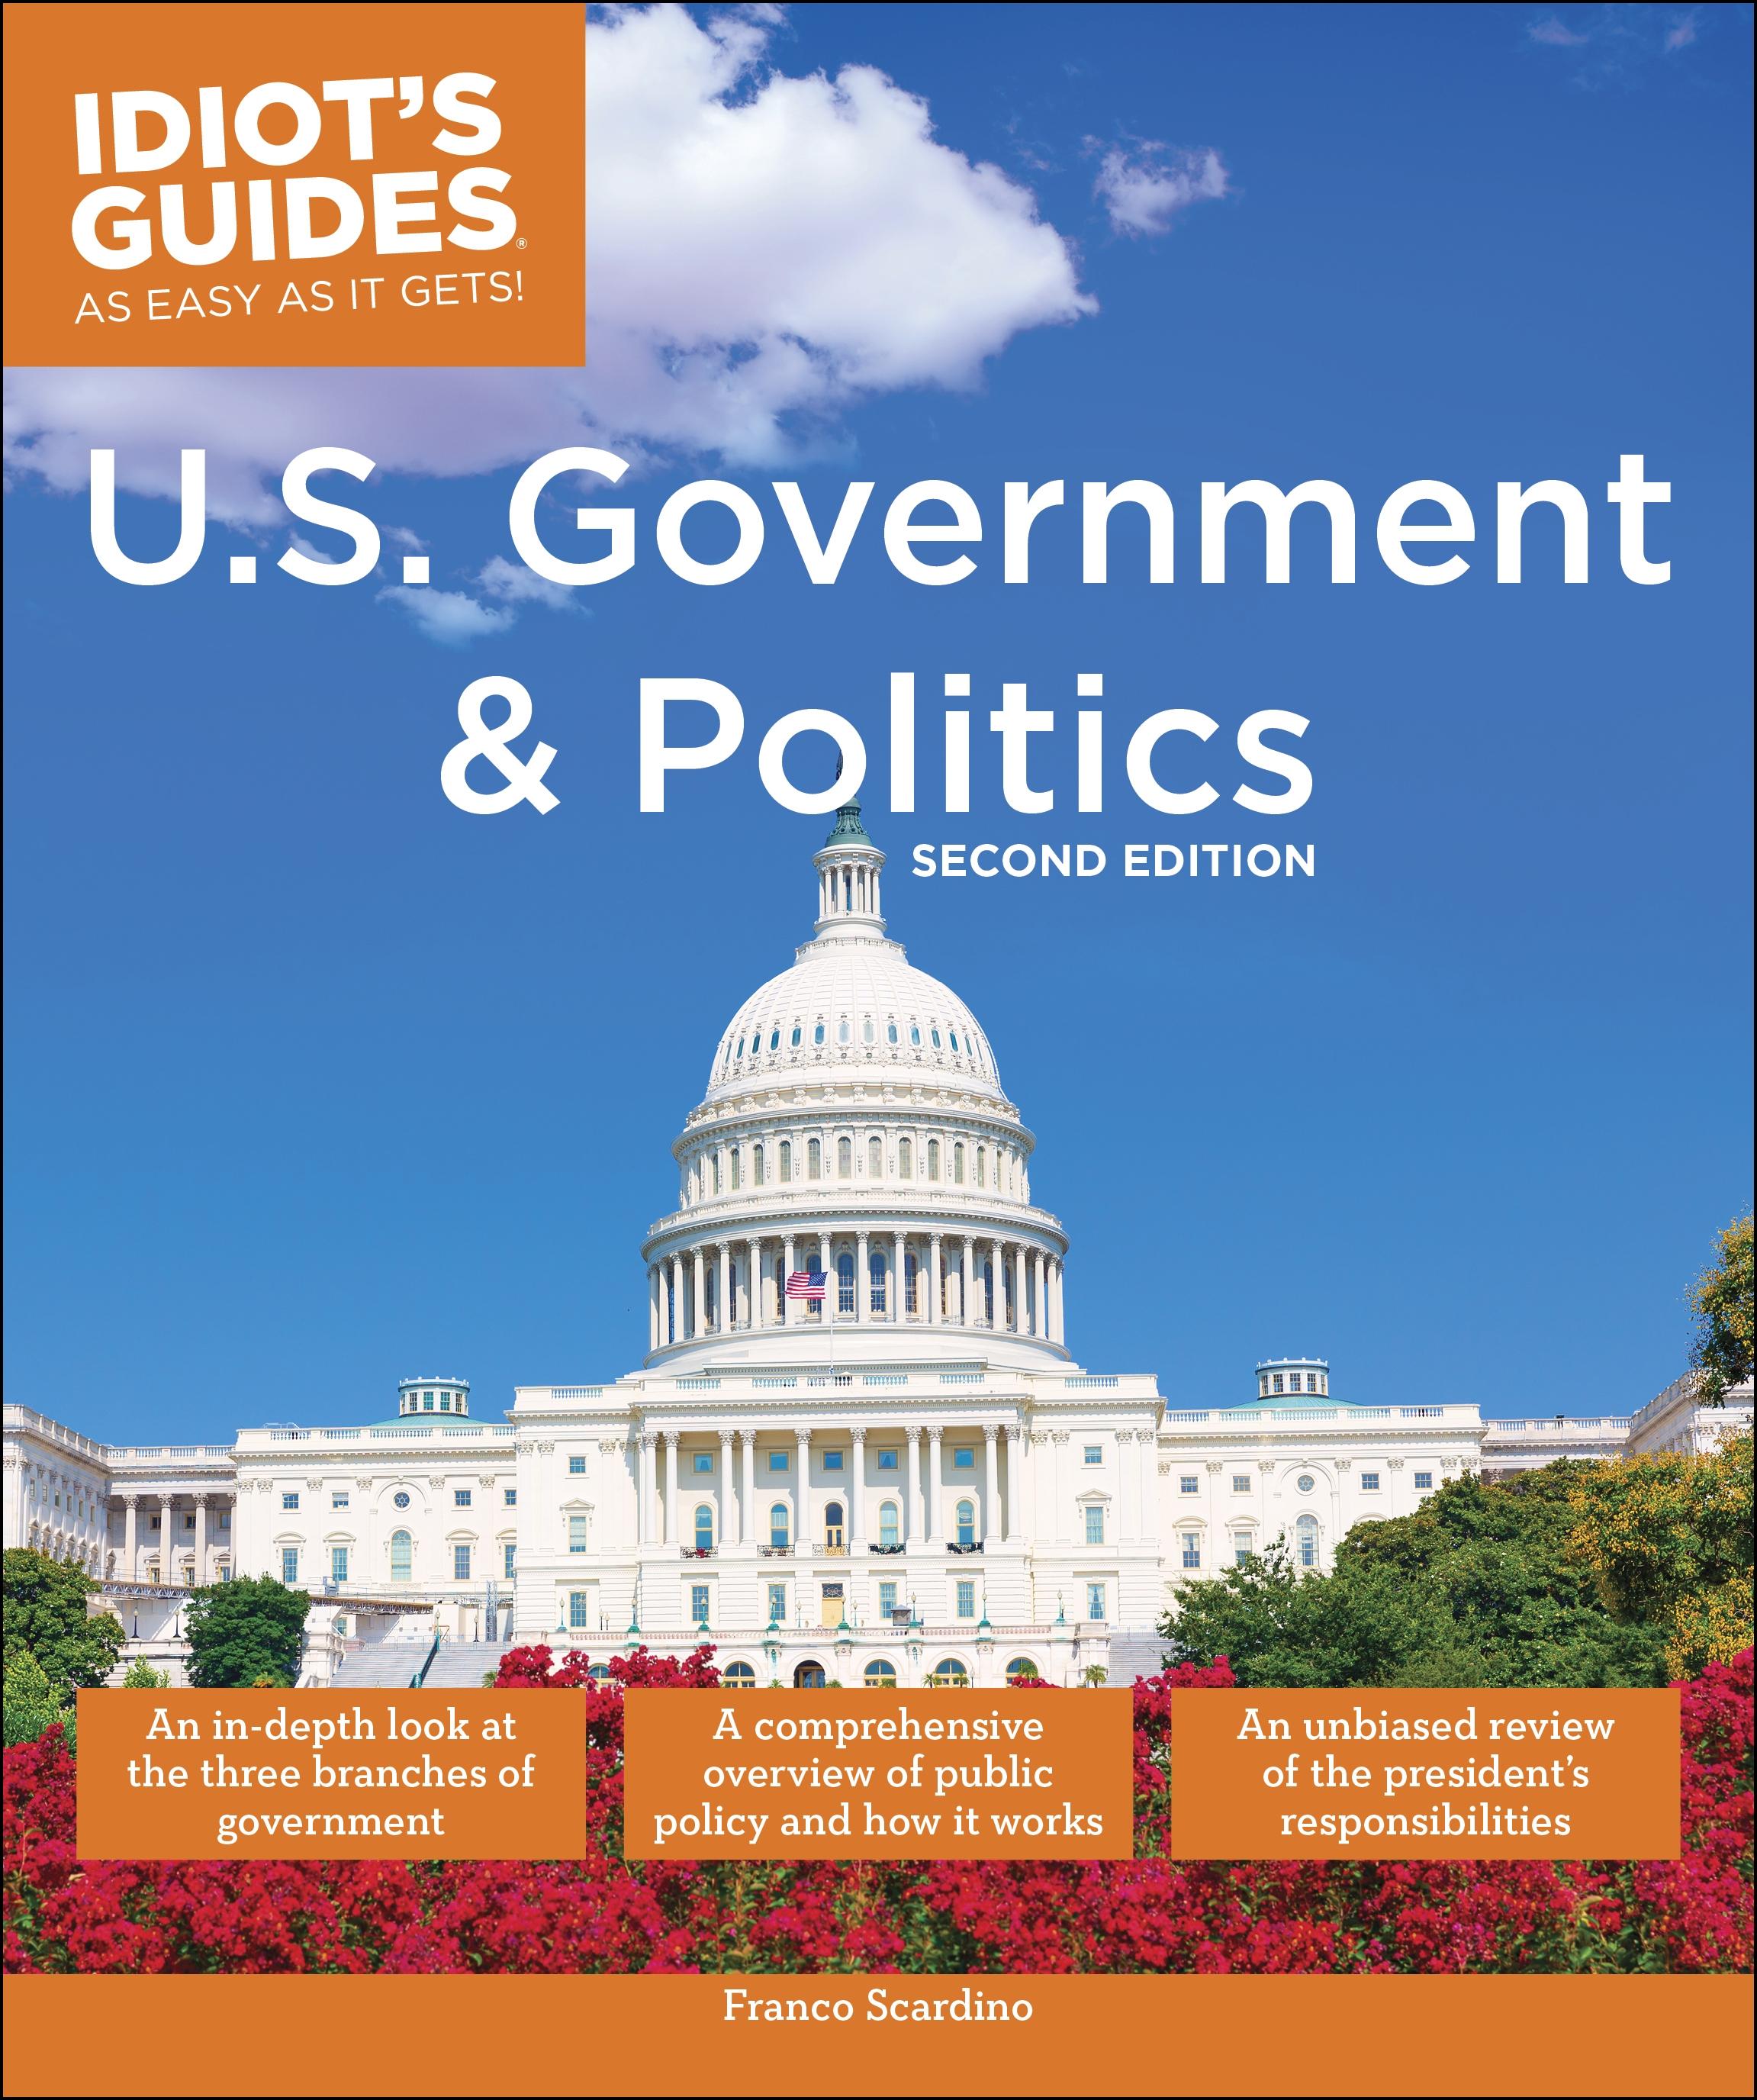 Idiot's Guides: U.S. Government and Politics, 2E